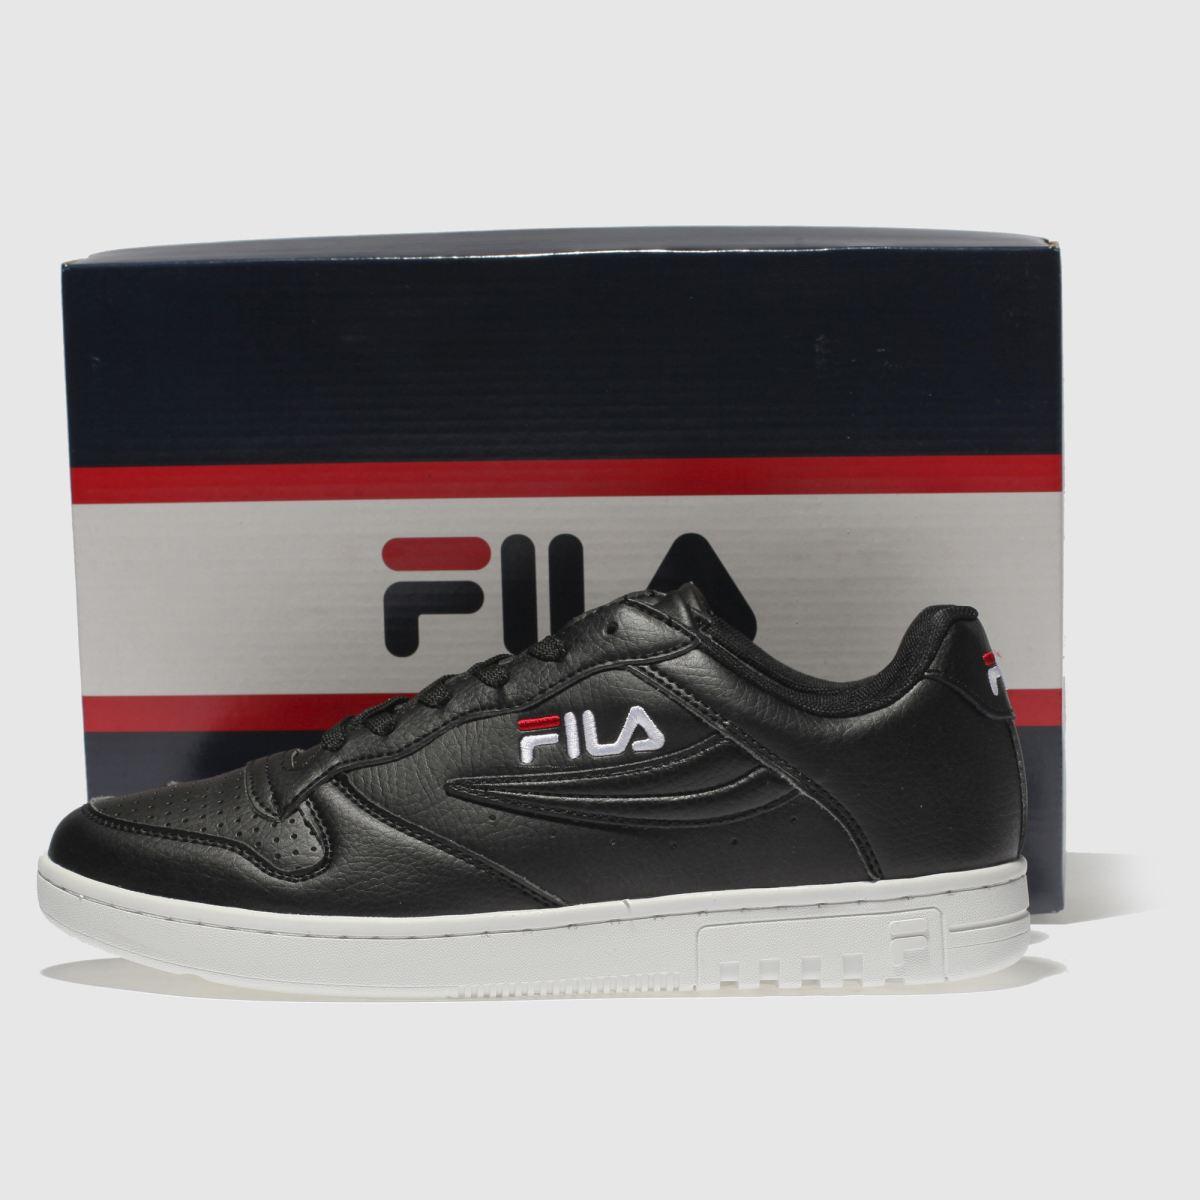 Damen Schwarz-weiß fila Fx100 Low Sneaker beliebte | schuh Gute Qualität beliebte Sneaker Schuhe 63039a